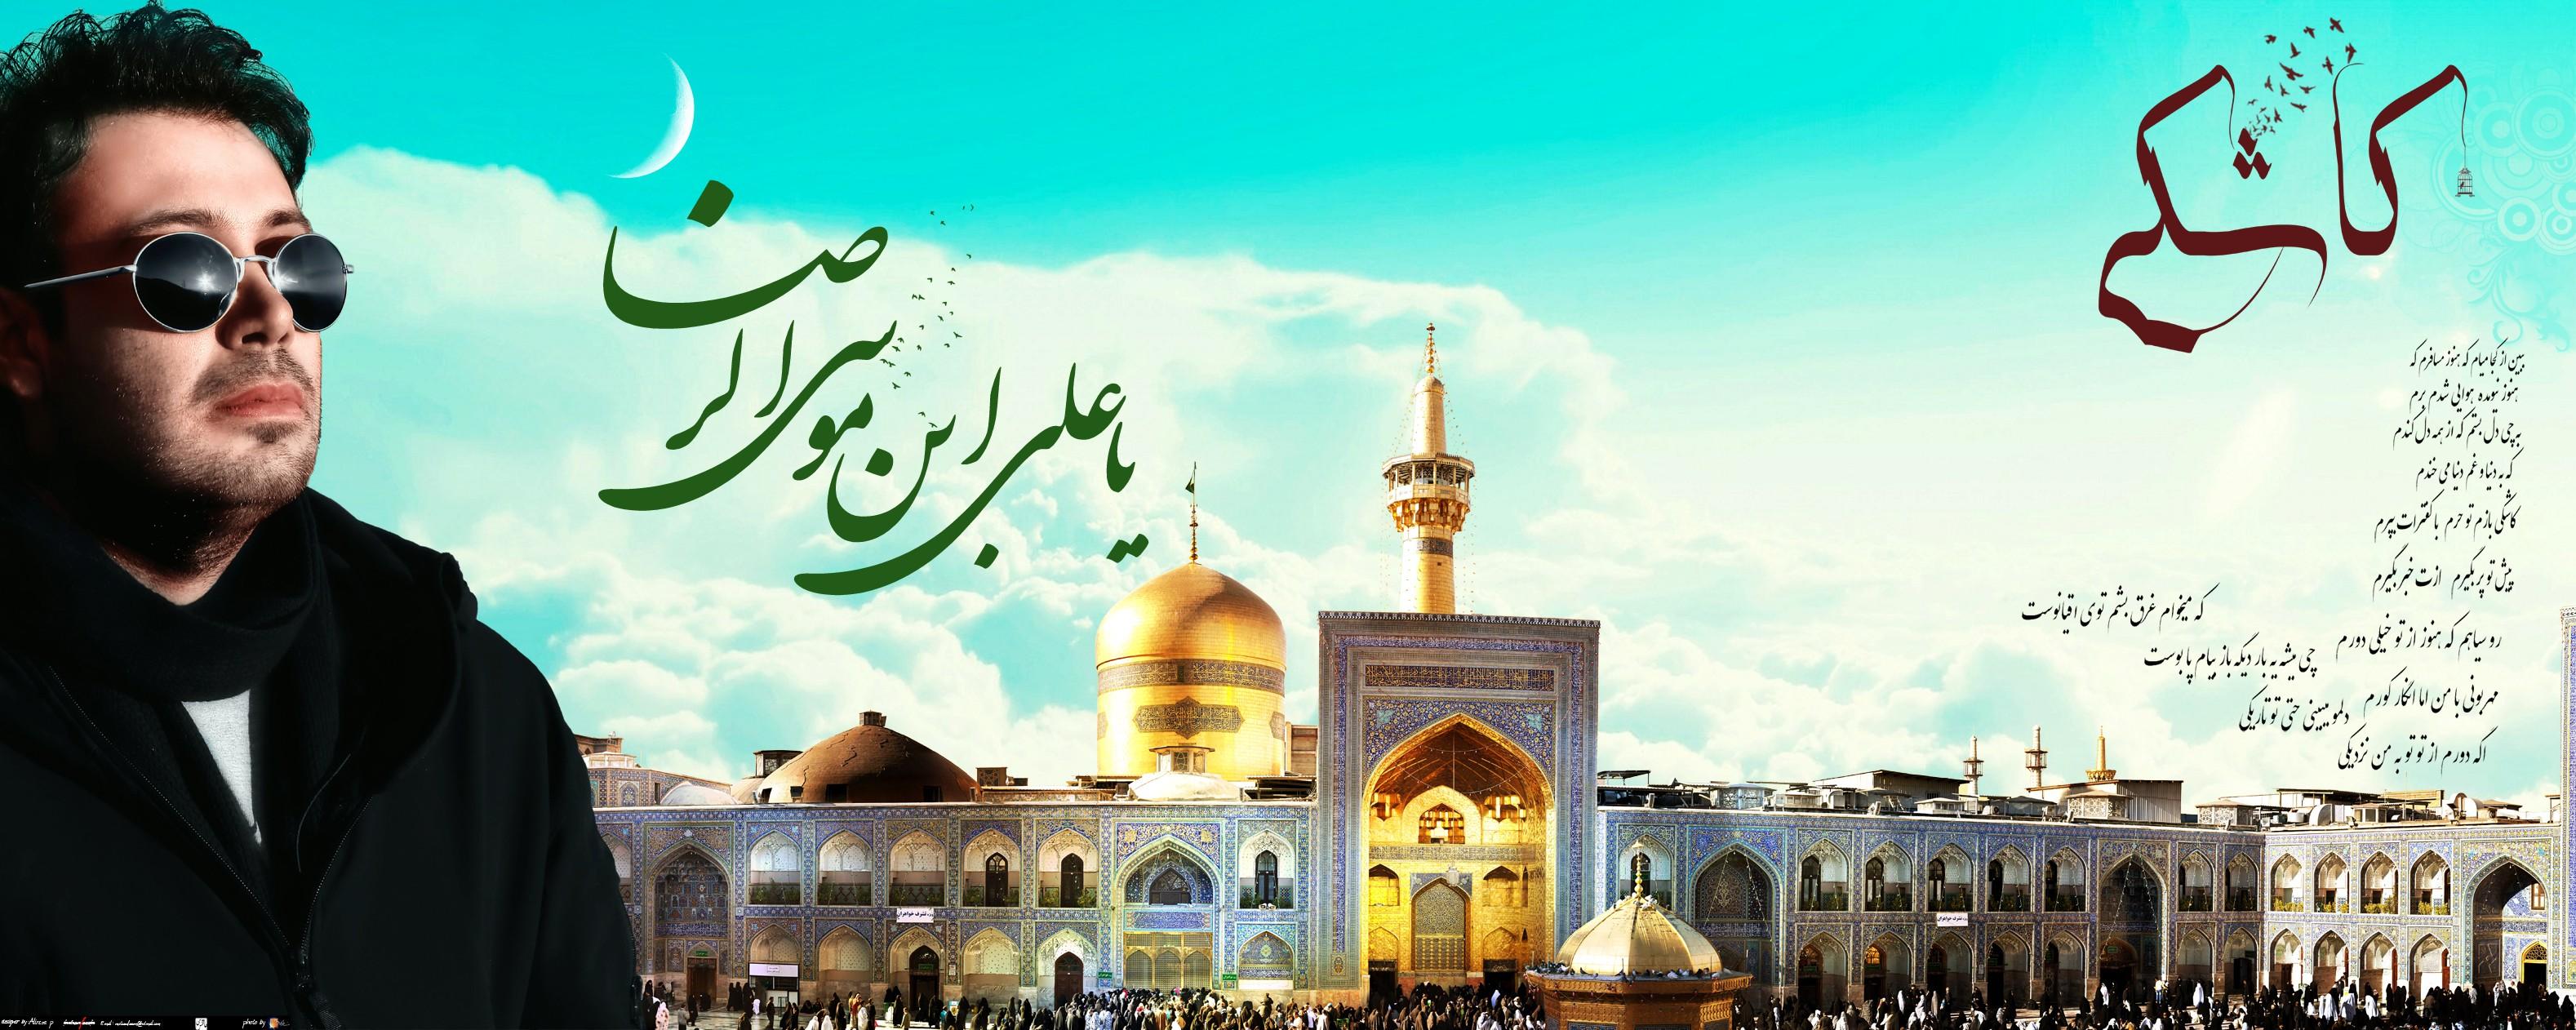 آهنگ کاشکی - امام رضا(ع) - محسن چاوشی